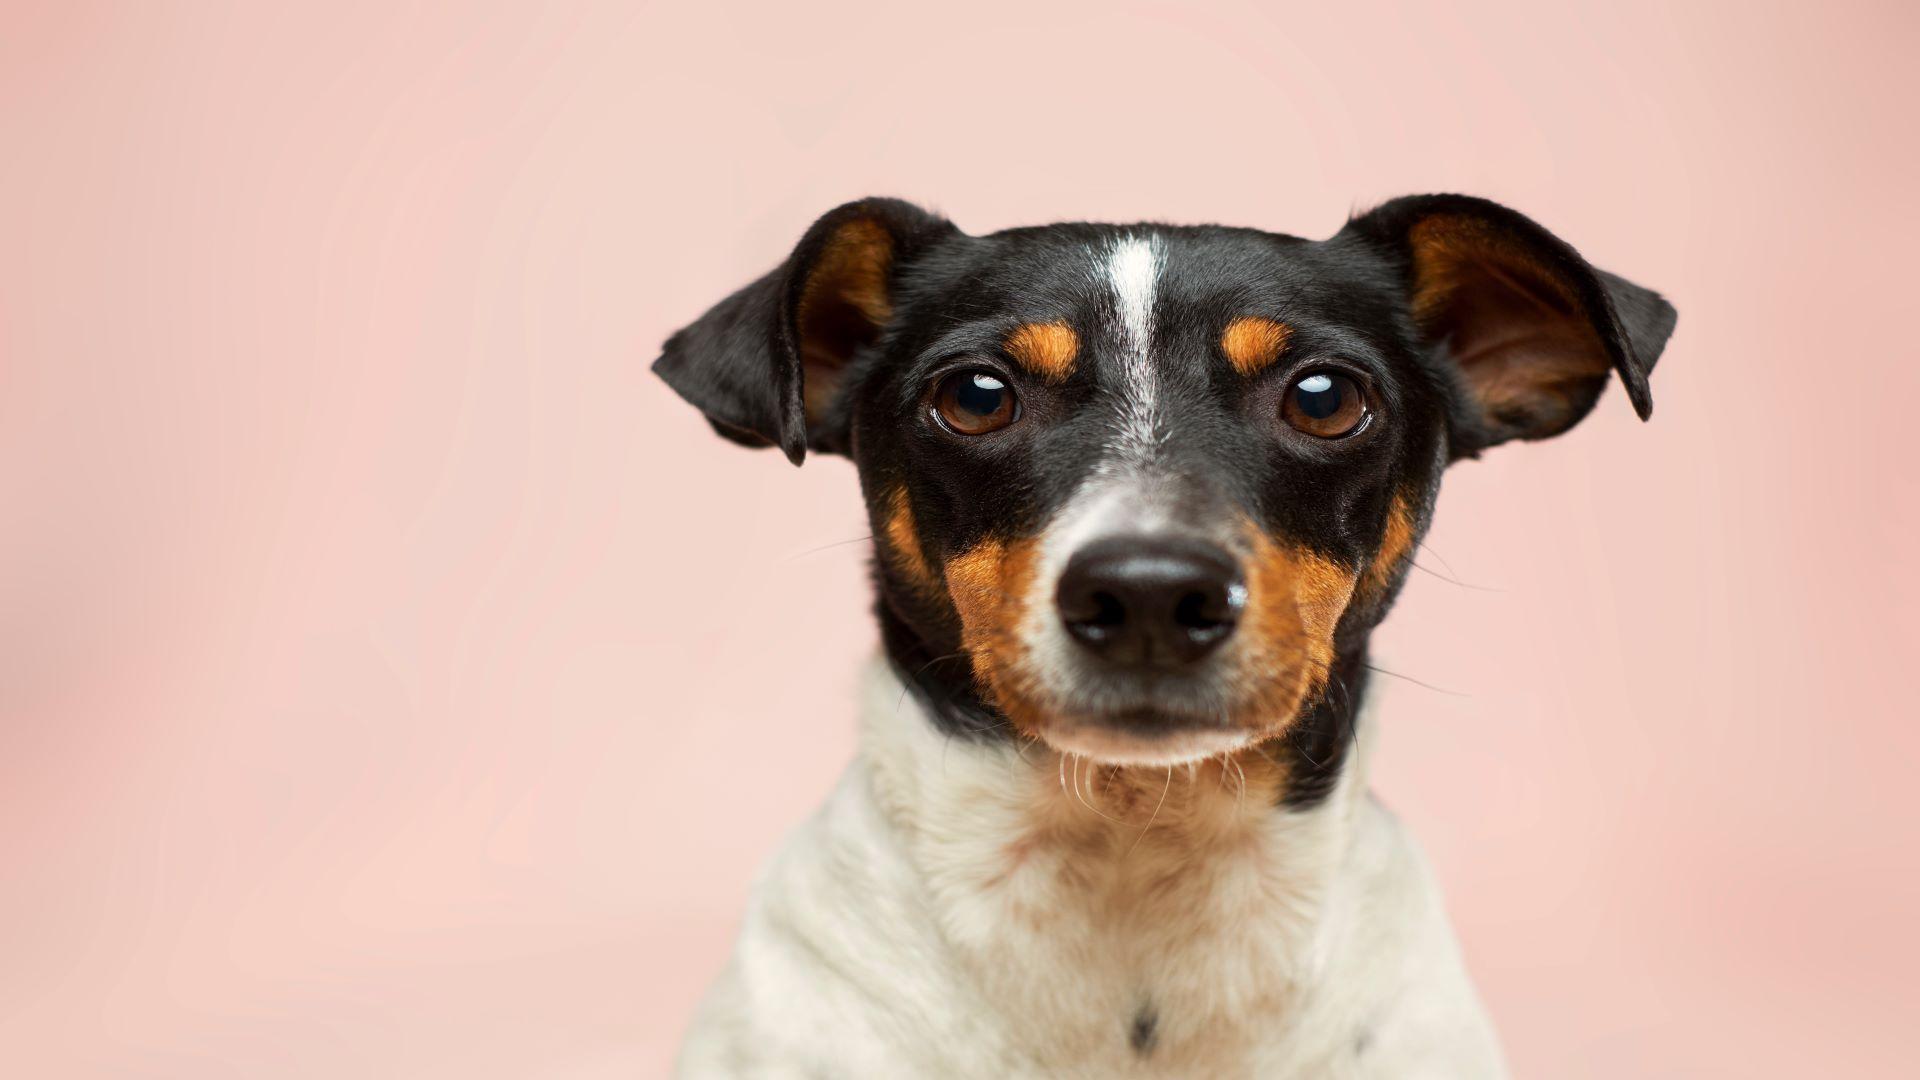 Hund stirbt an Leberversagen: So greifen Sie frühzeitig ein